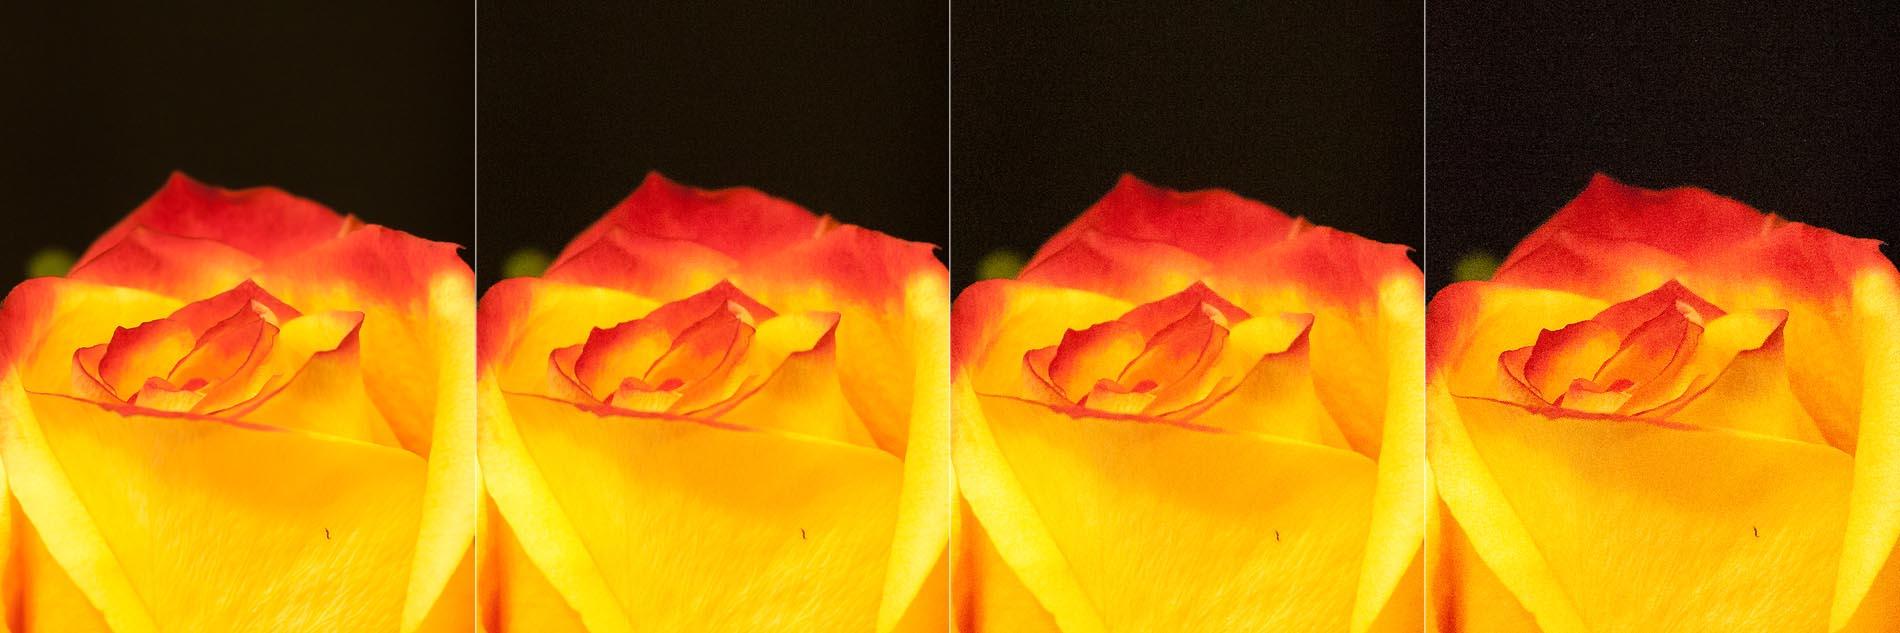 Der ISO Wert in der Fotografie und wie man ihn richtig einstellt